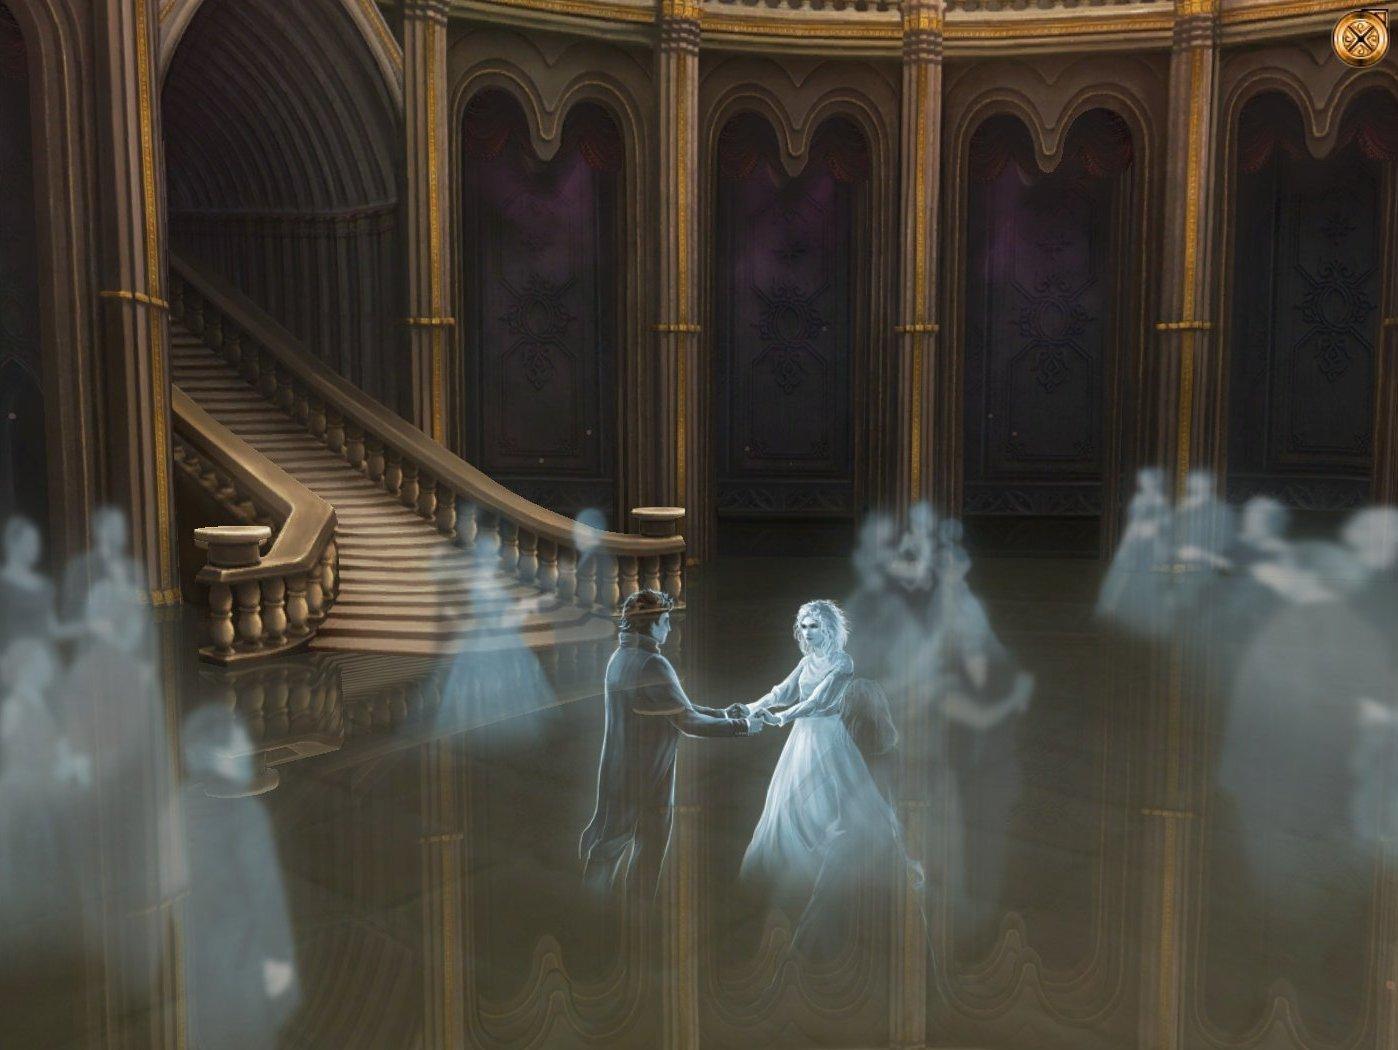 картинки из игры не друзья замок без привидений можно приехать